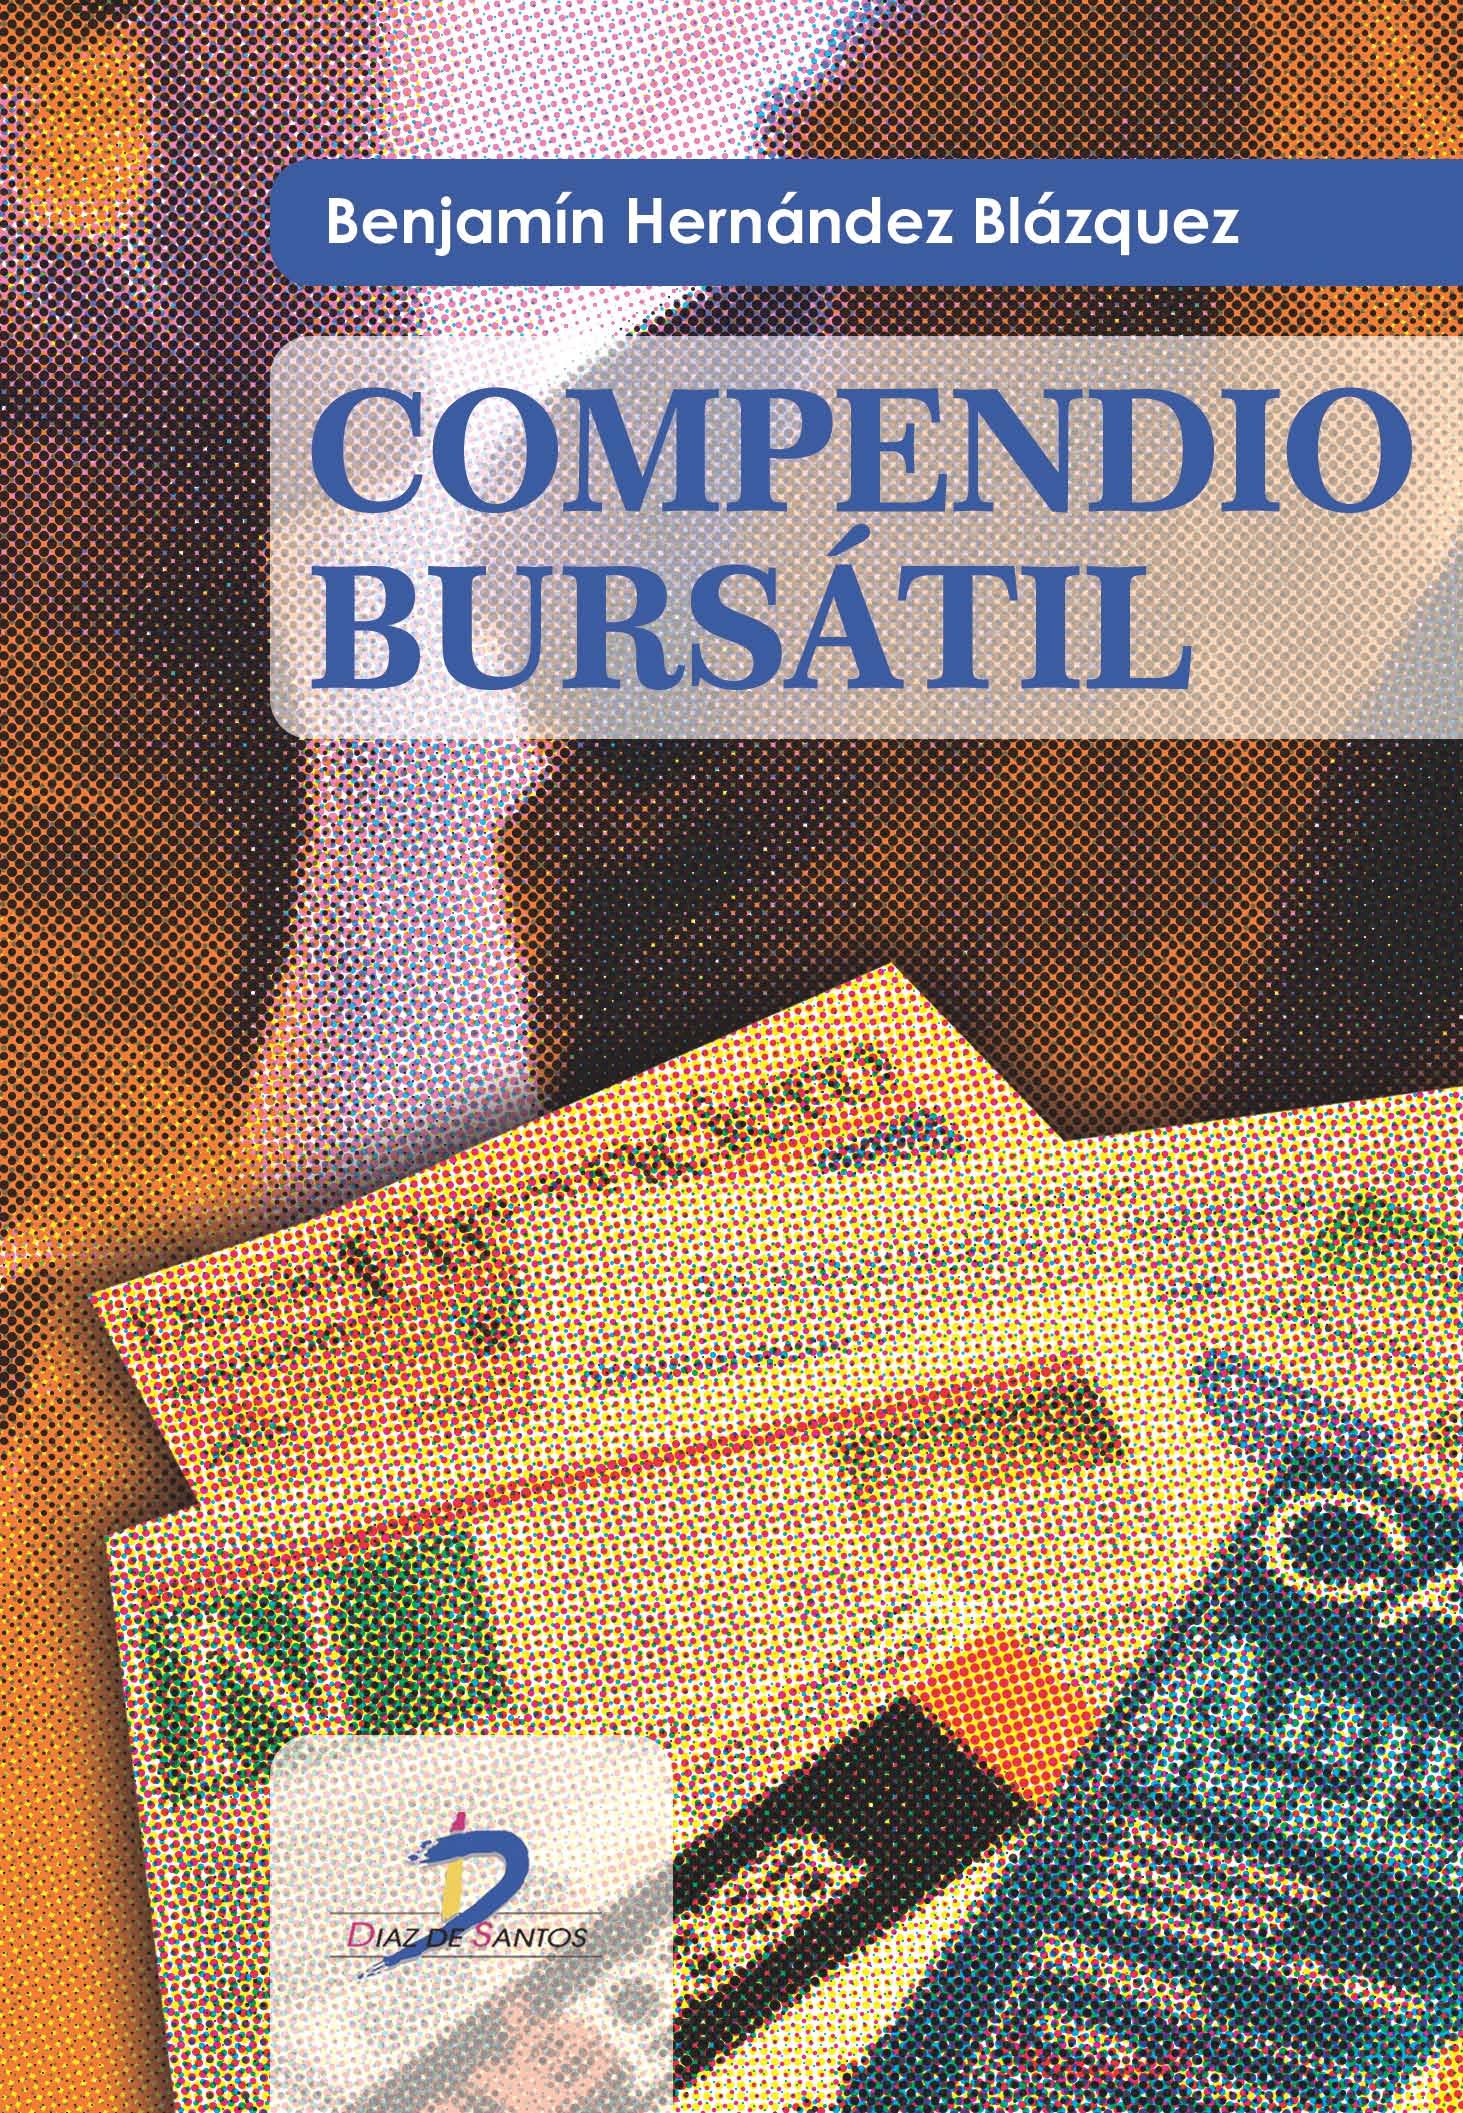 Compendio bursátil